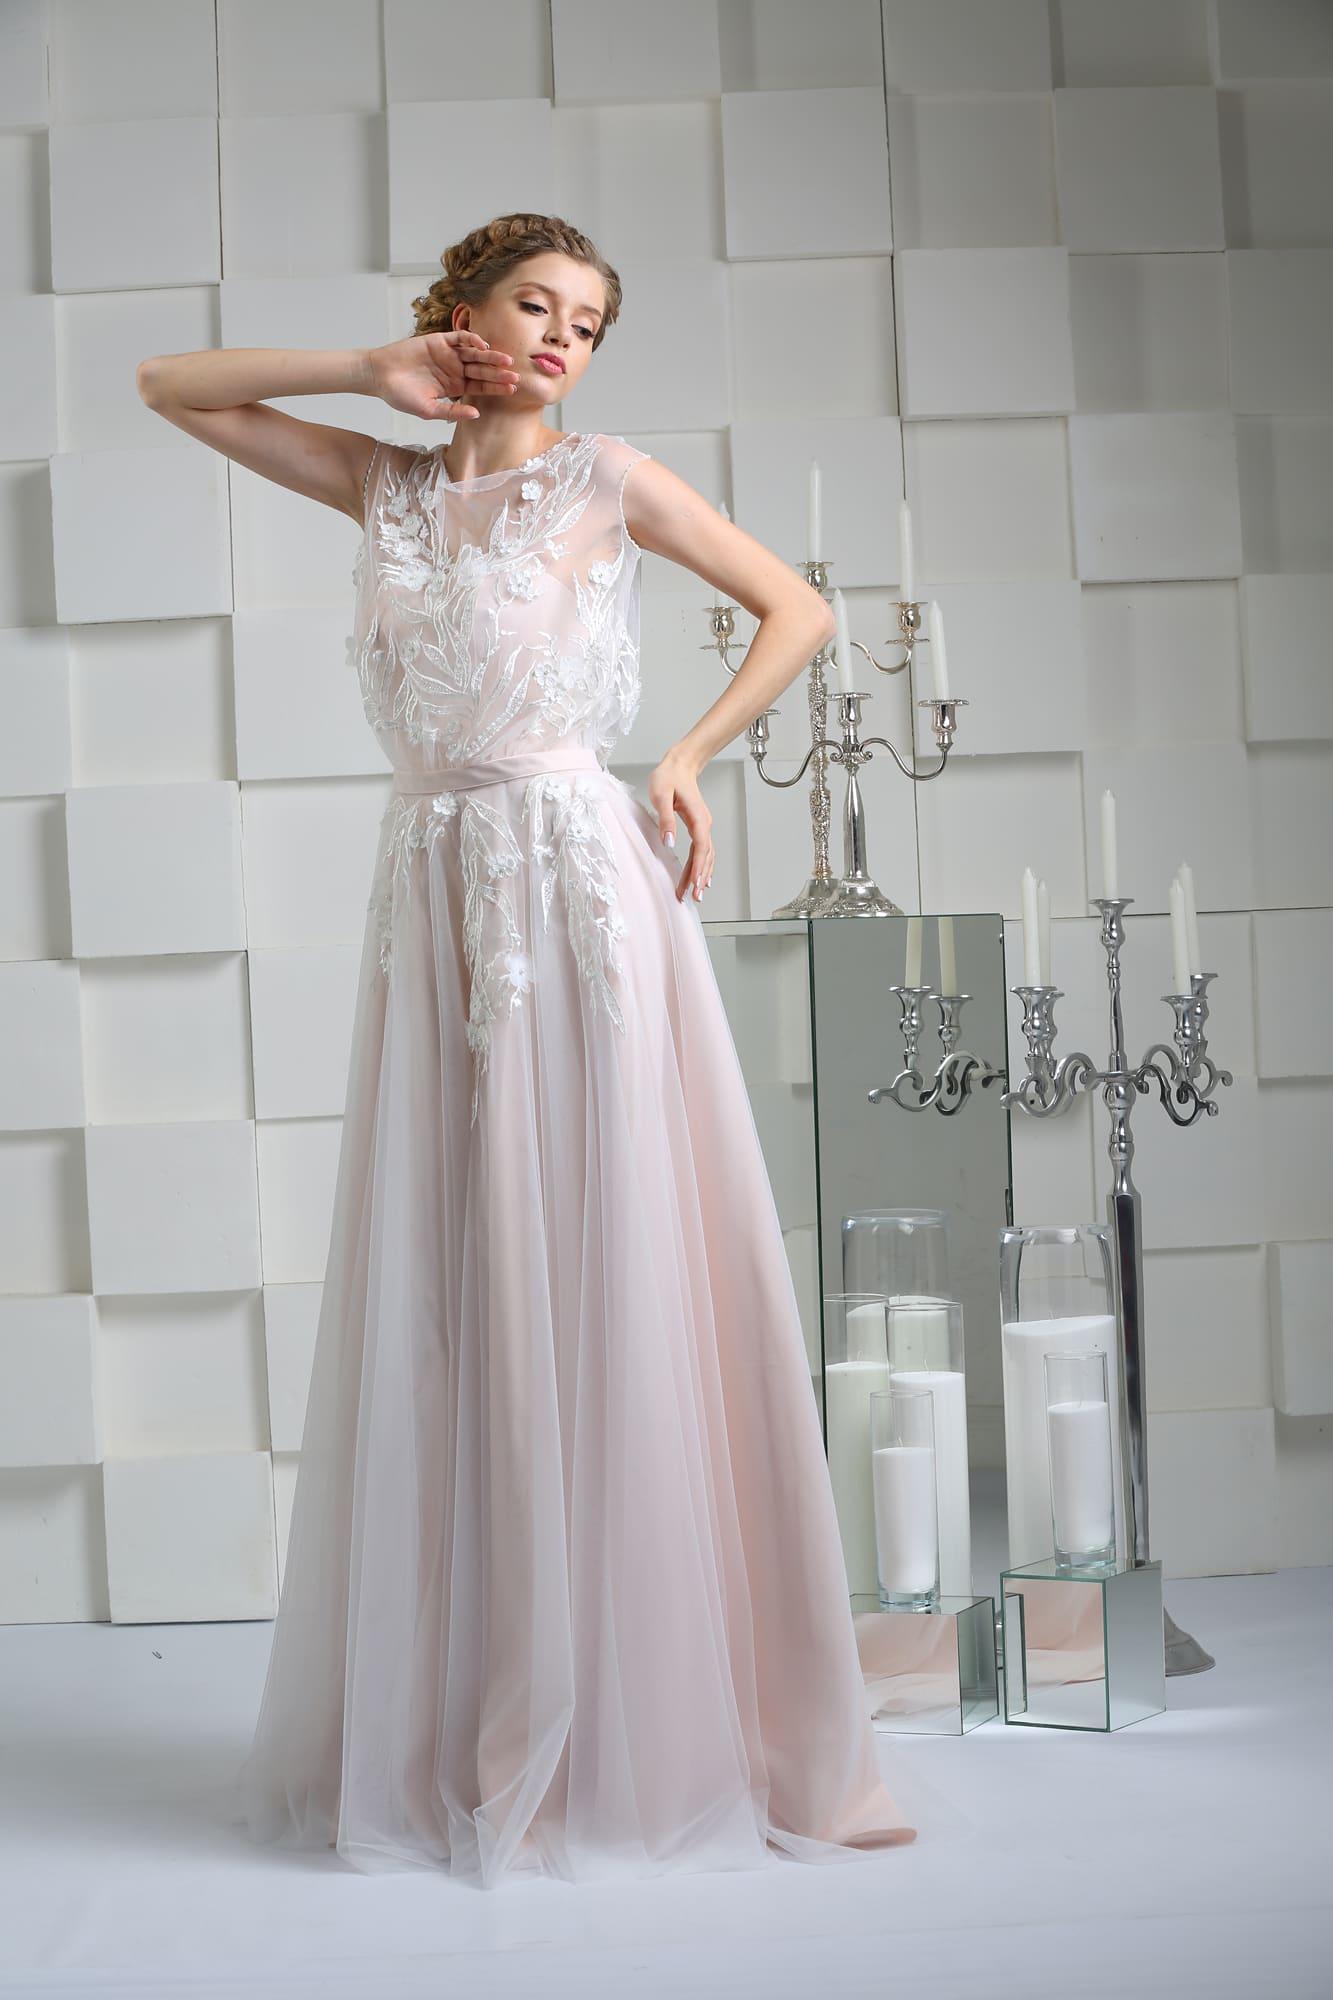 Розовое свадебное платье прямого силуэта с полупрозрачной тканью, скрывающей корсет.